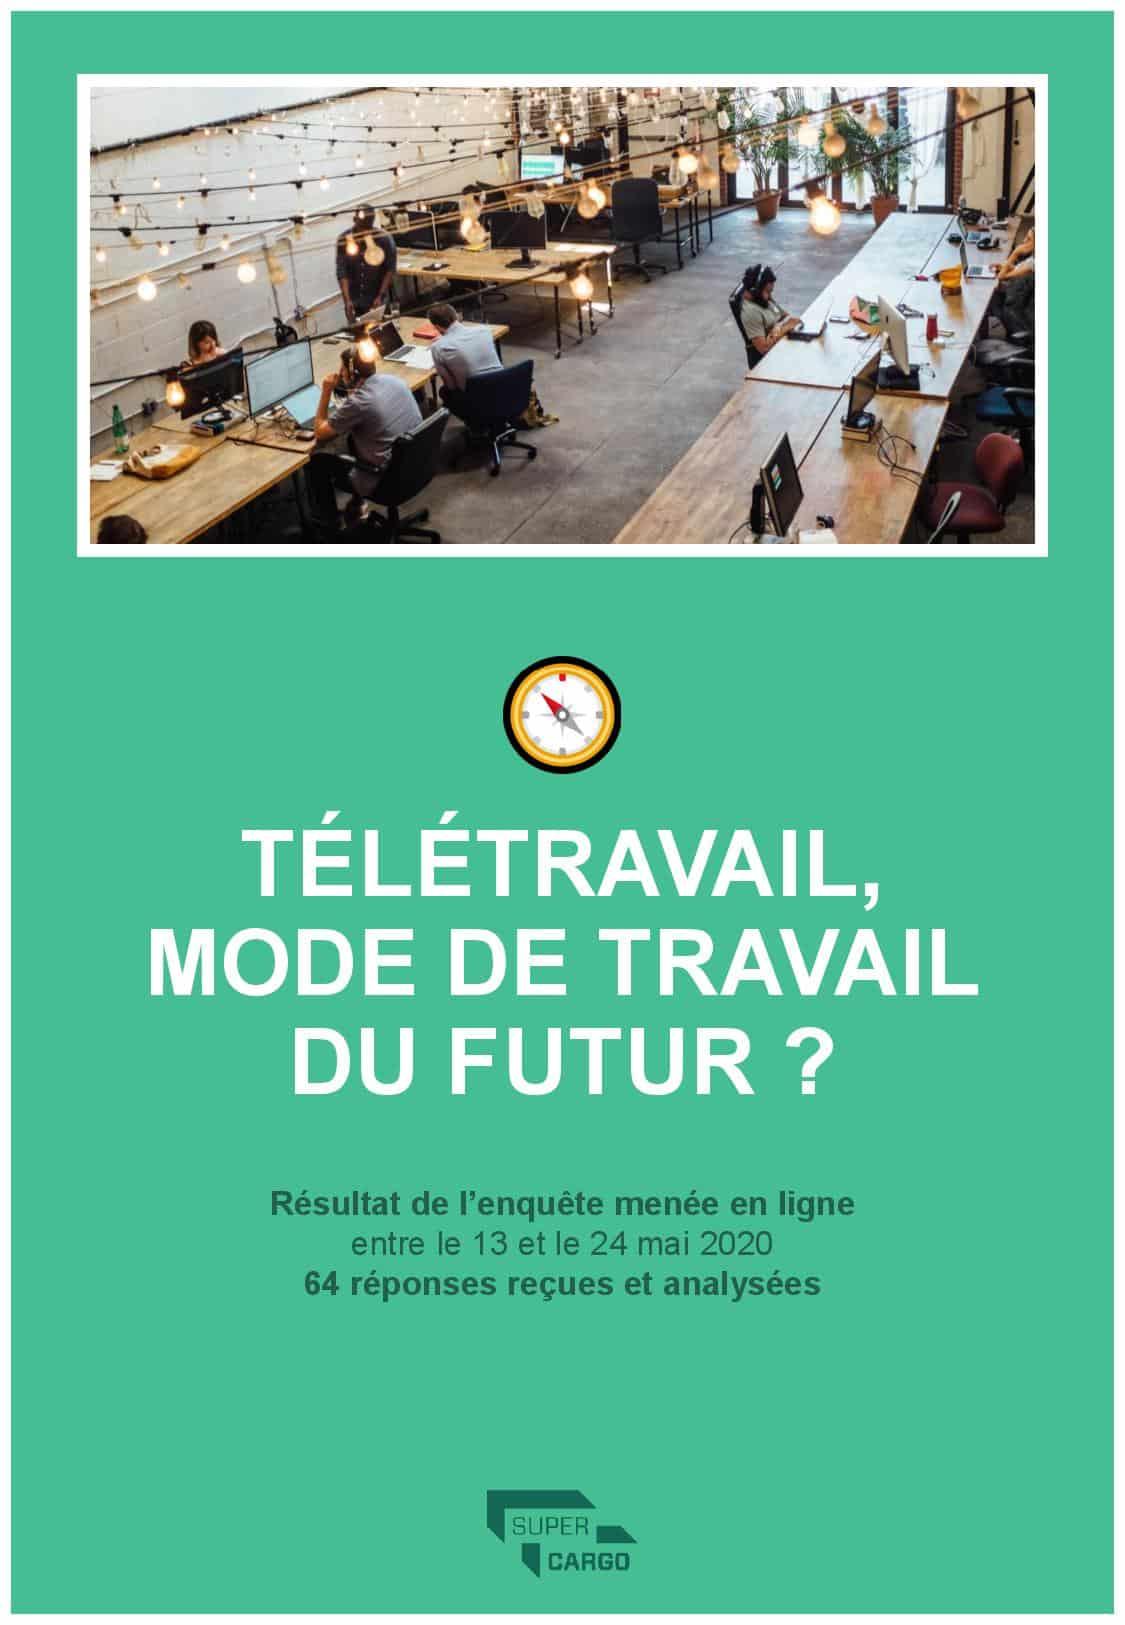 Télétravail, mode de travail du futur ?